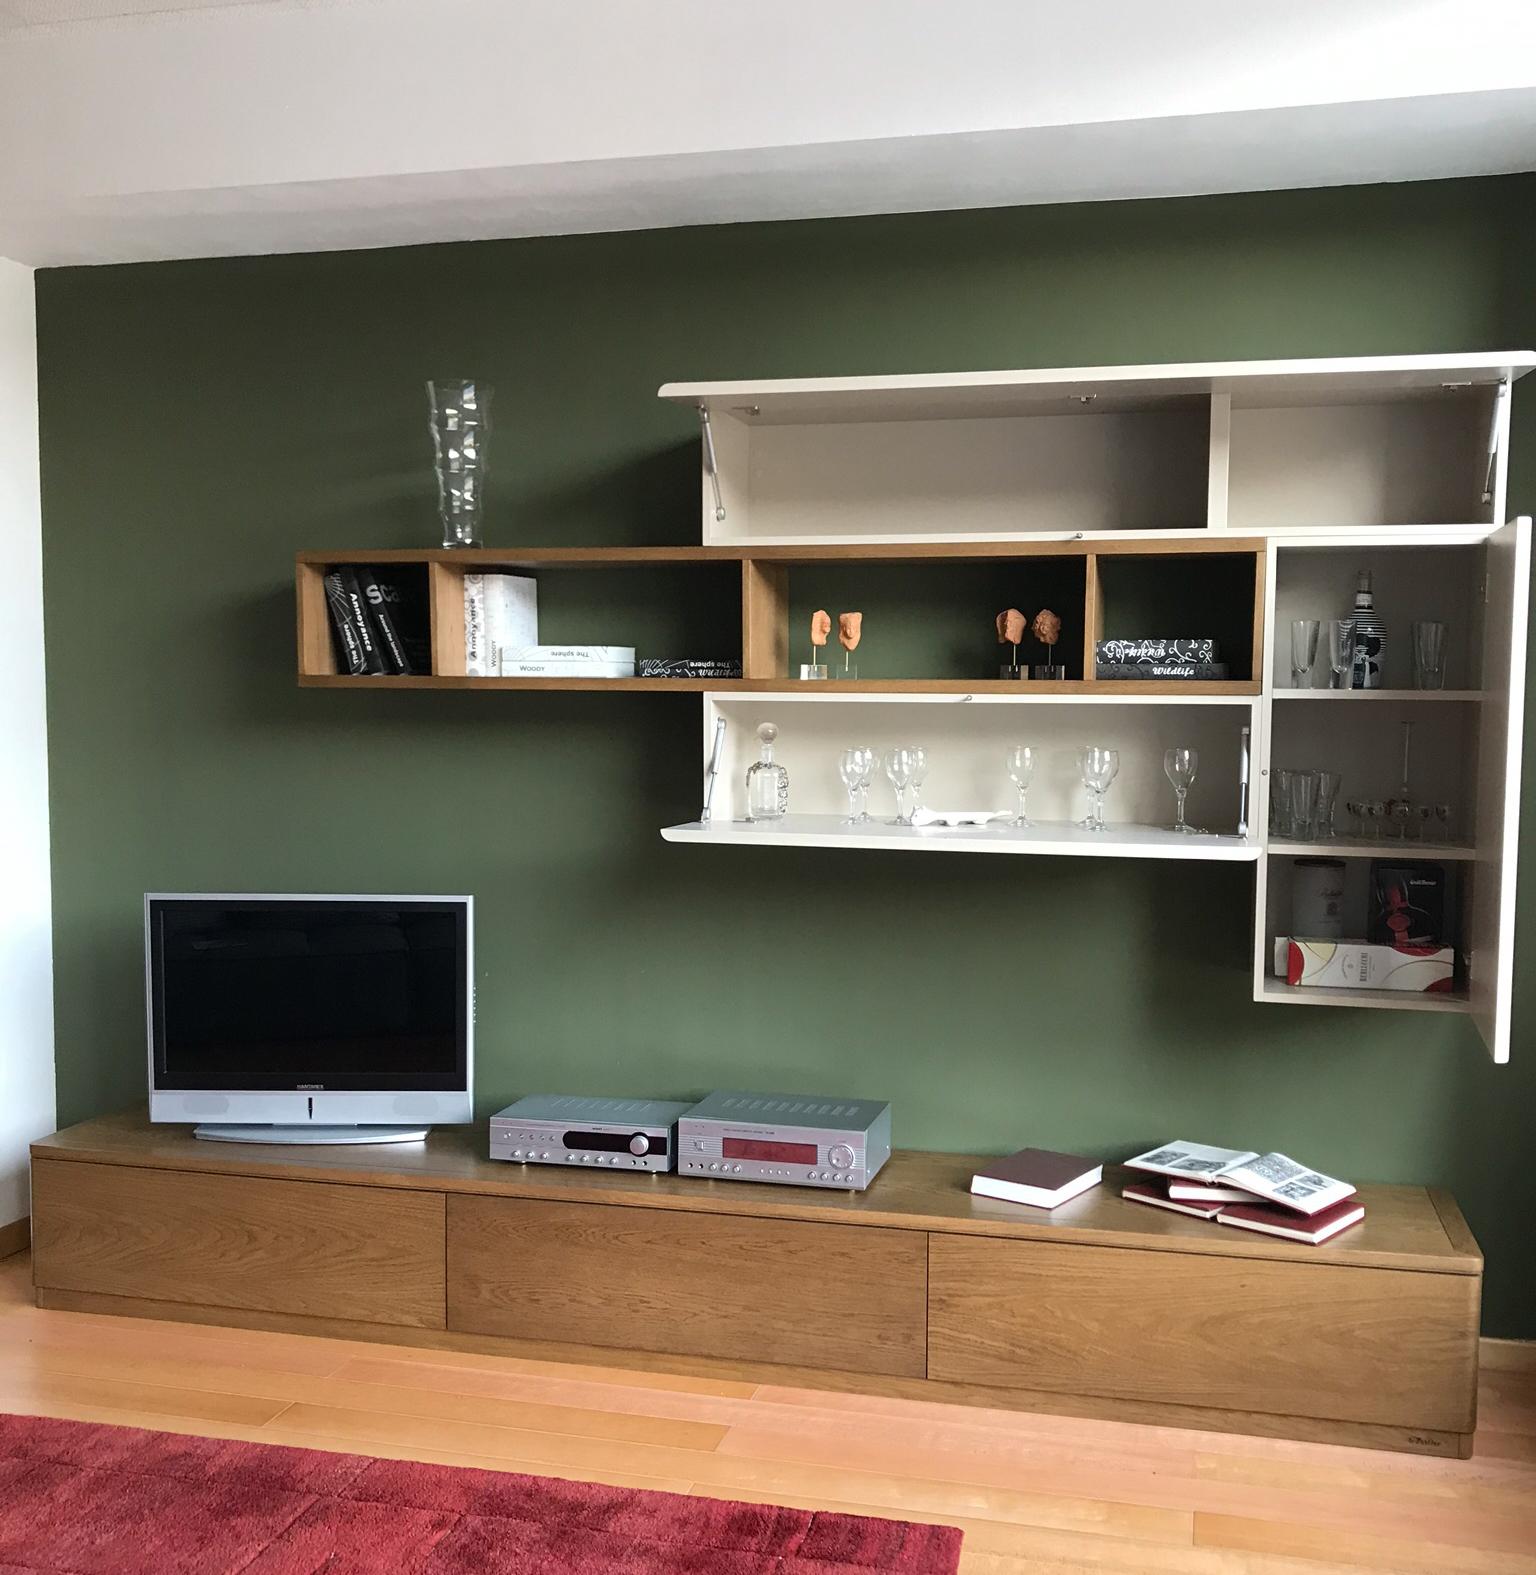 Mobile soggiorno Le Fablier - Riva - Architettura d'Interni